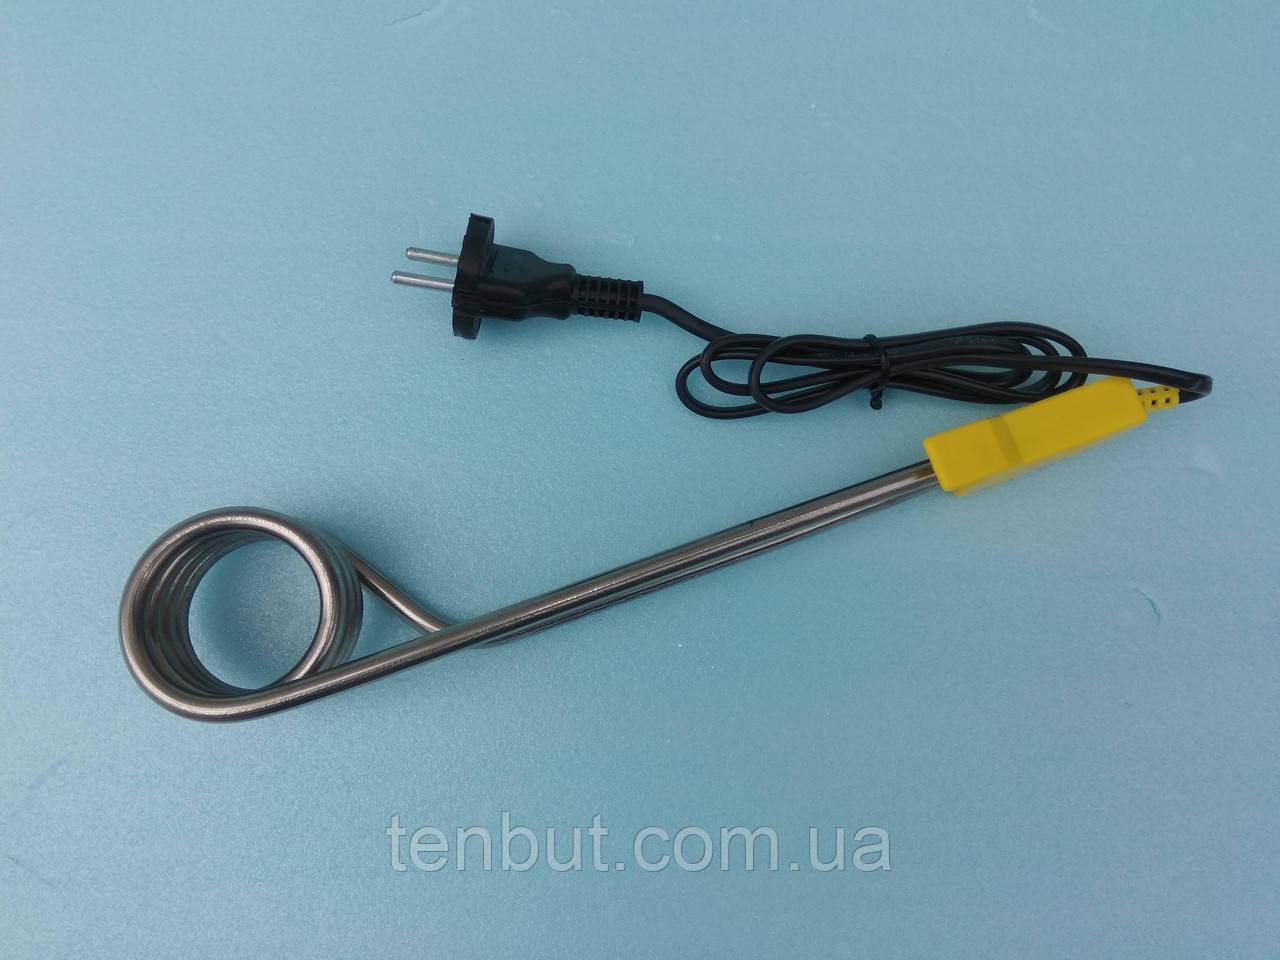 Электрокипятильник бытовой 2.0 кВт. / 250 В. из нержавеющей стали . Украина .